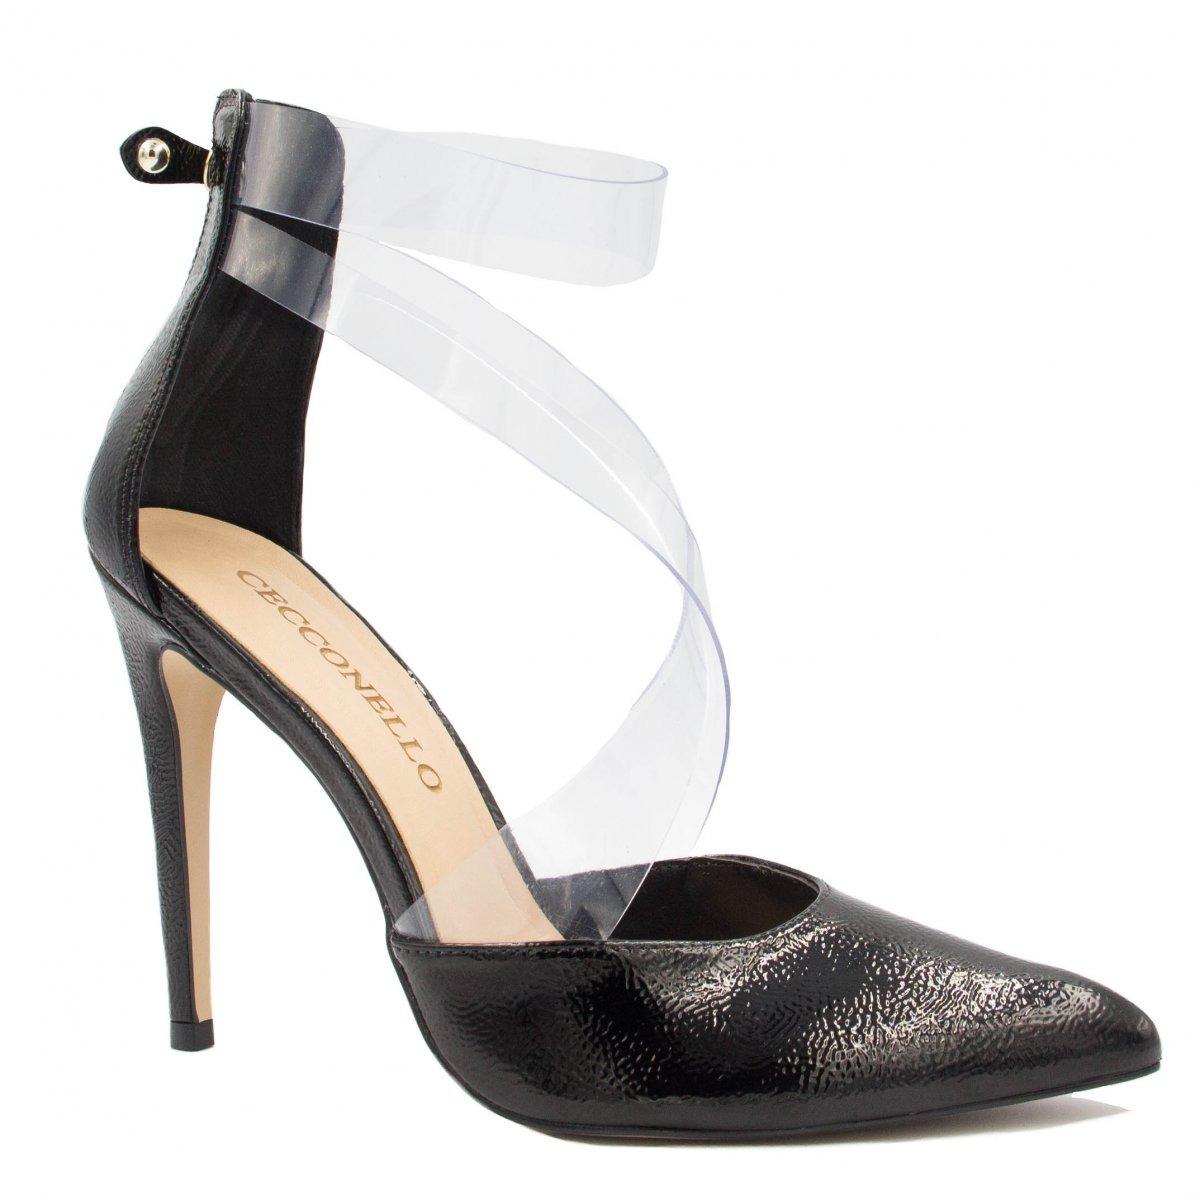 5529ad594 Sapato Cecconello Scarpin Verniz Vinil Zíper 1346001 - R$ 259,99 em ...